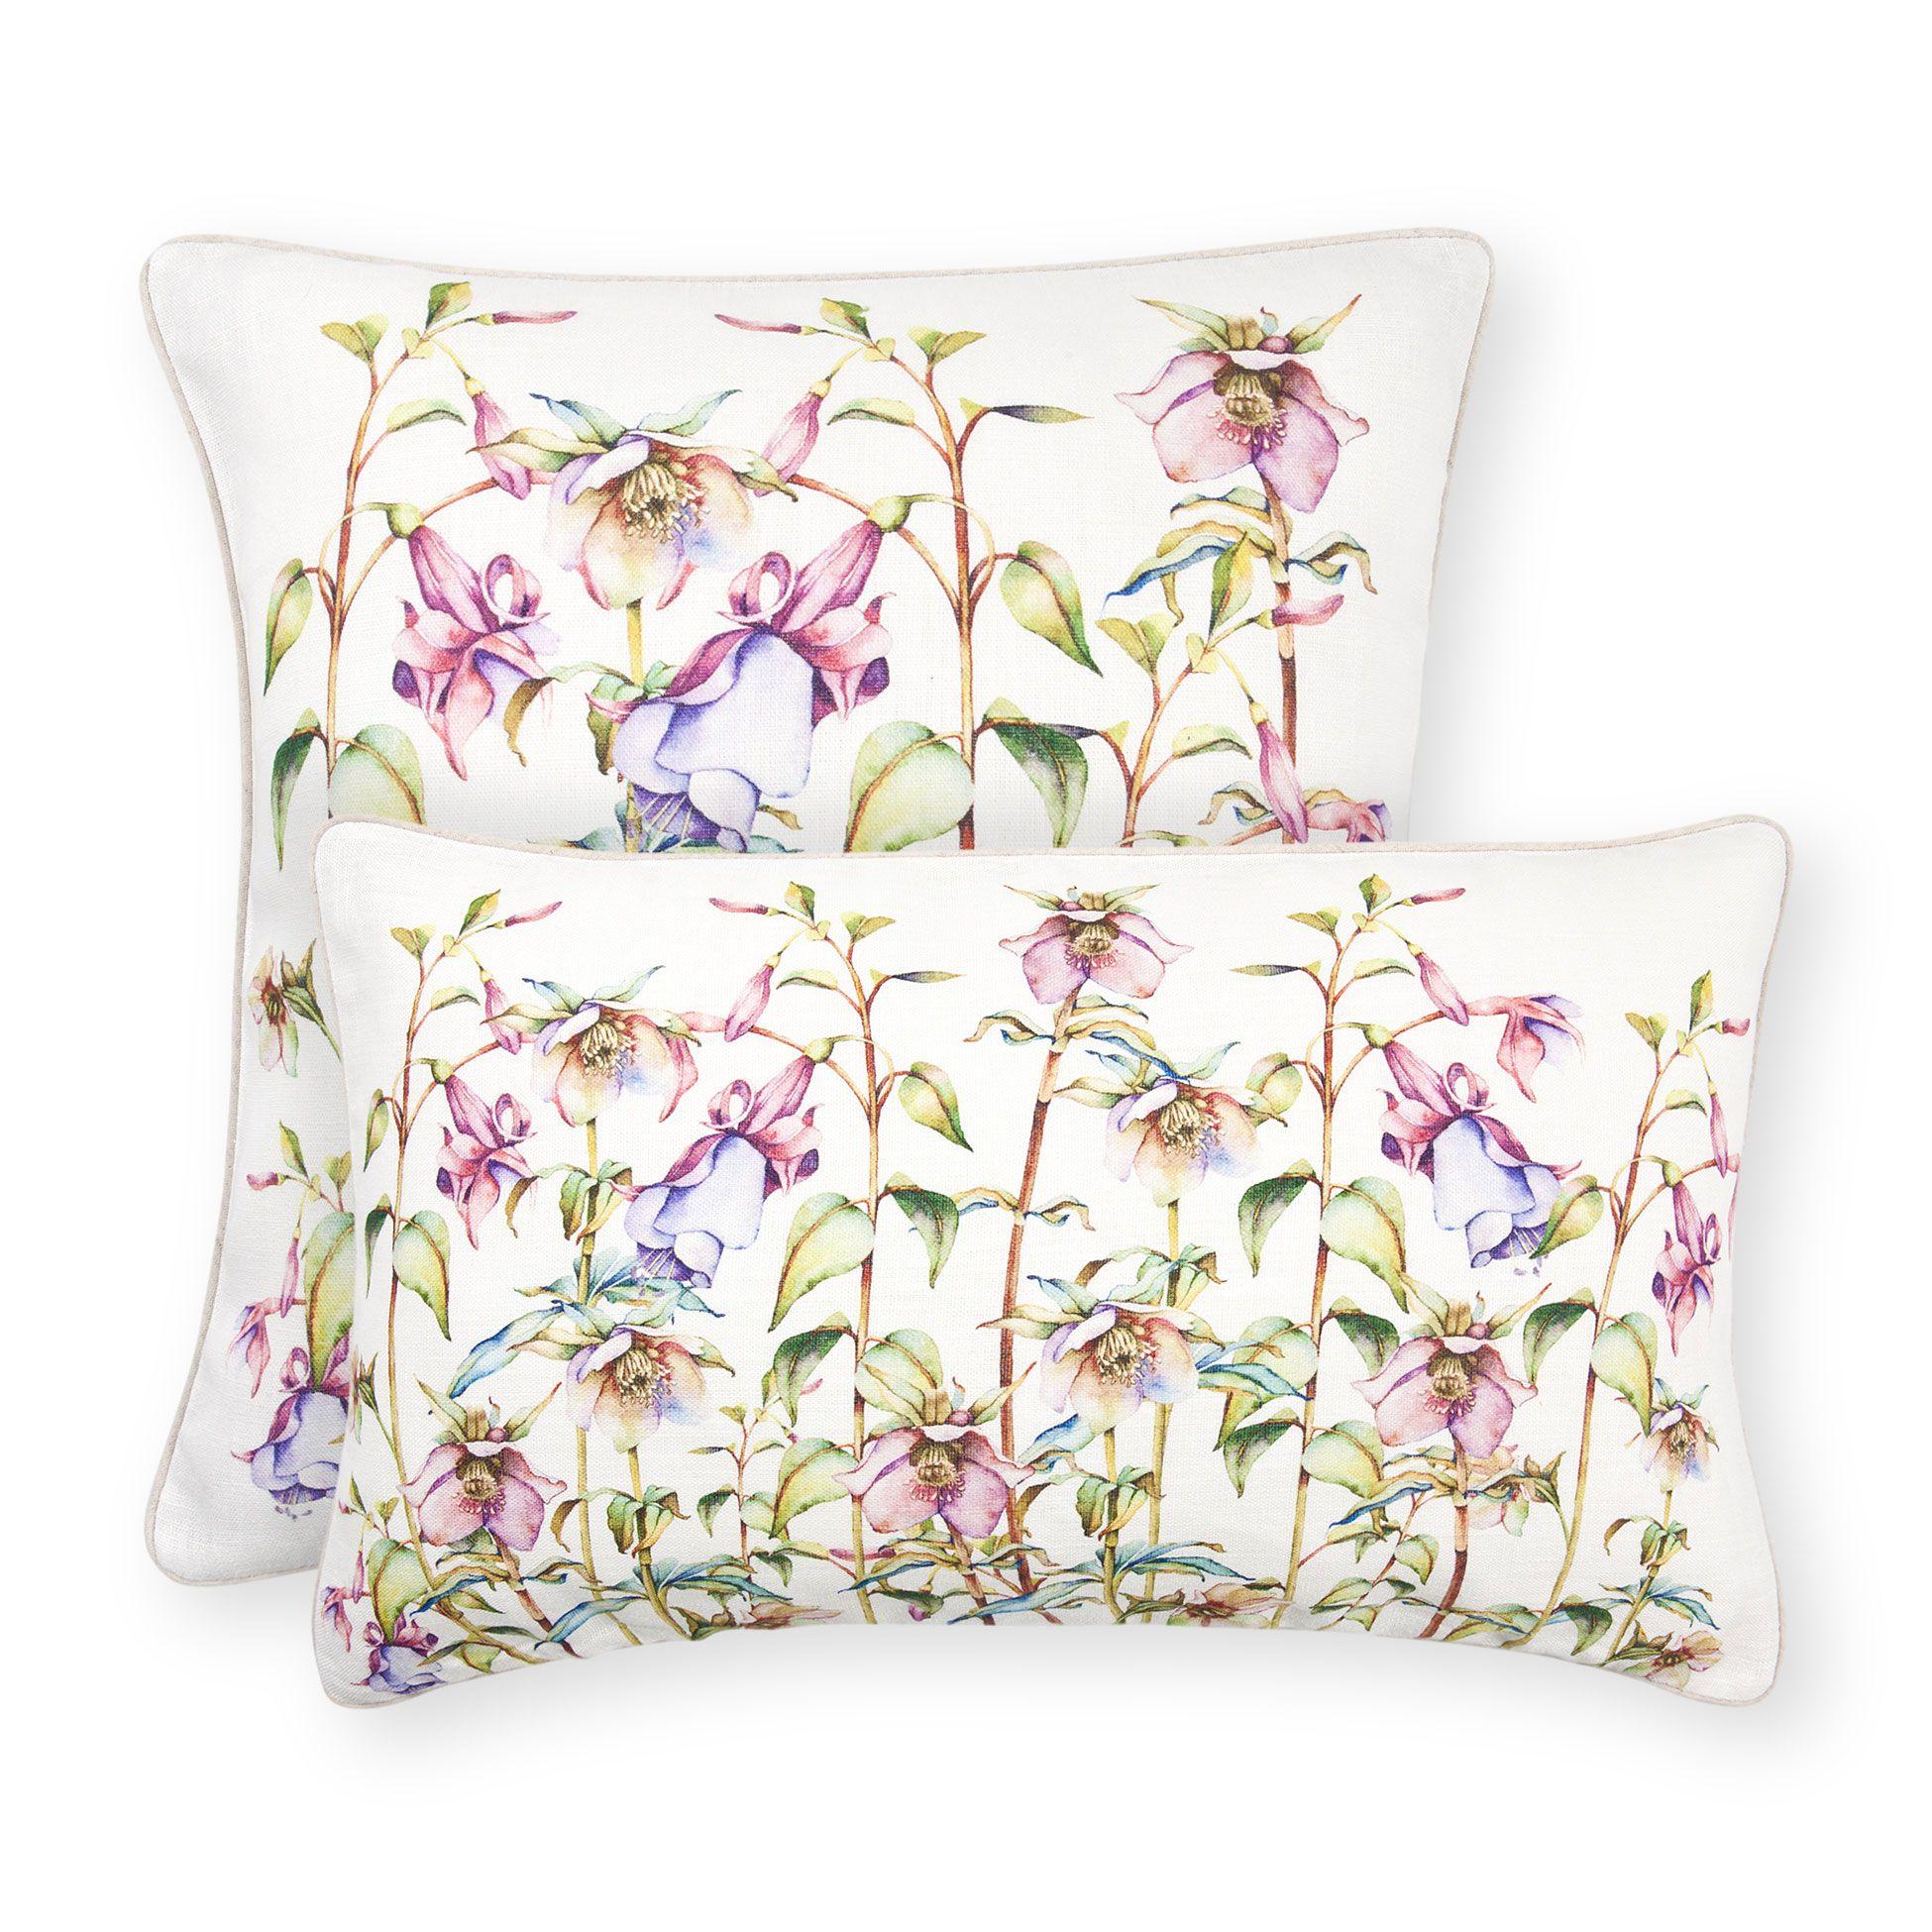 Coj n flores pastel cojines cama zara home espa a for Cojines exterior zara home